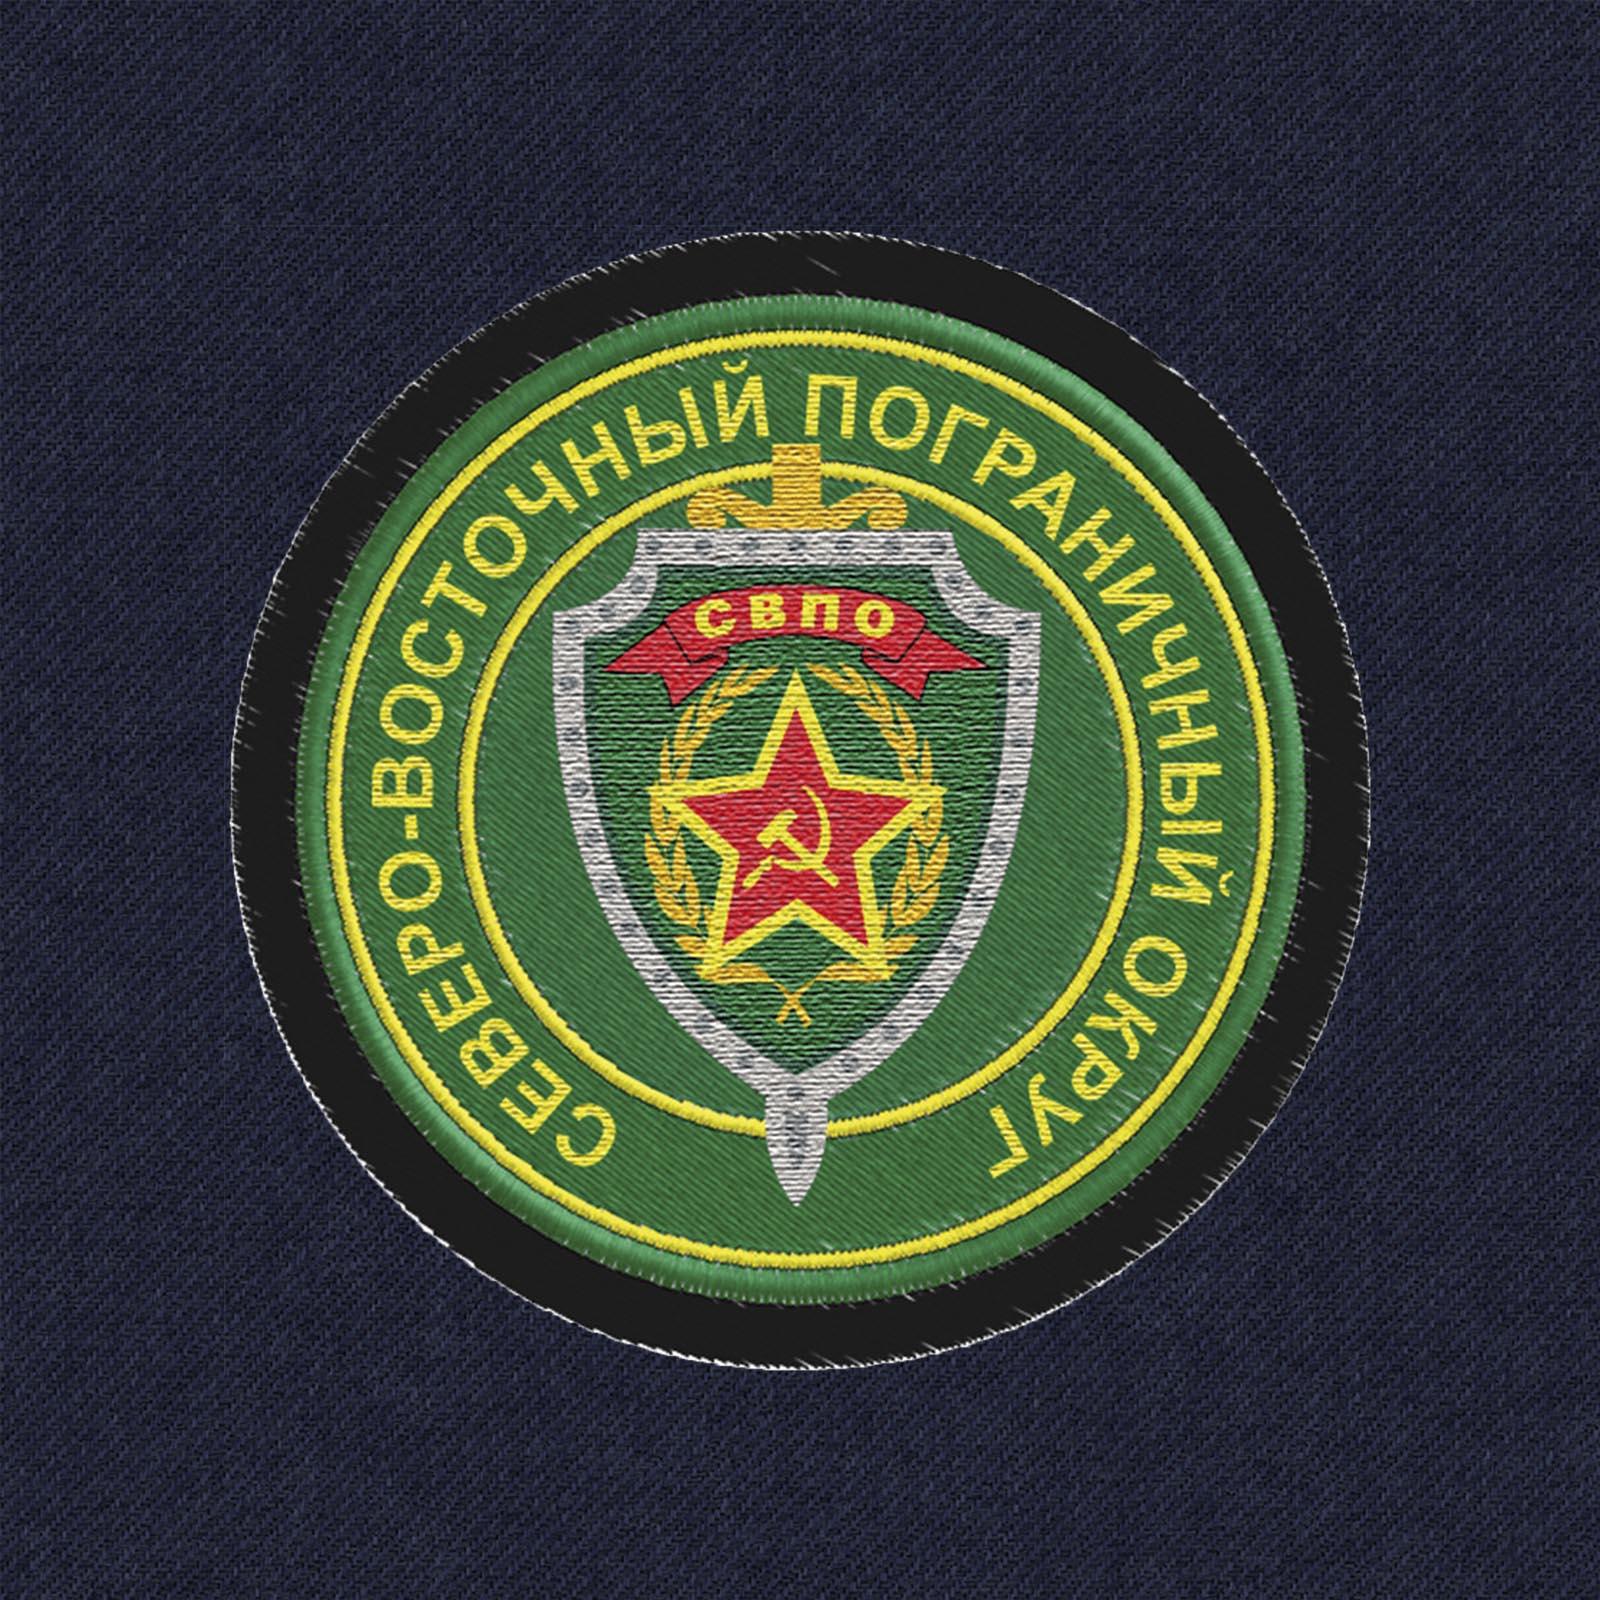 Милитари бейсболка СВПО – Северо-Восточный пограничный округ.